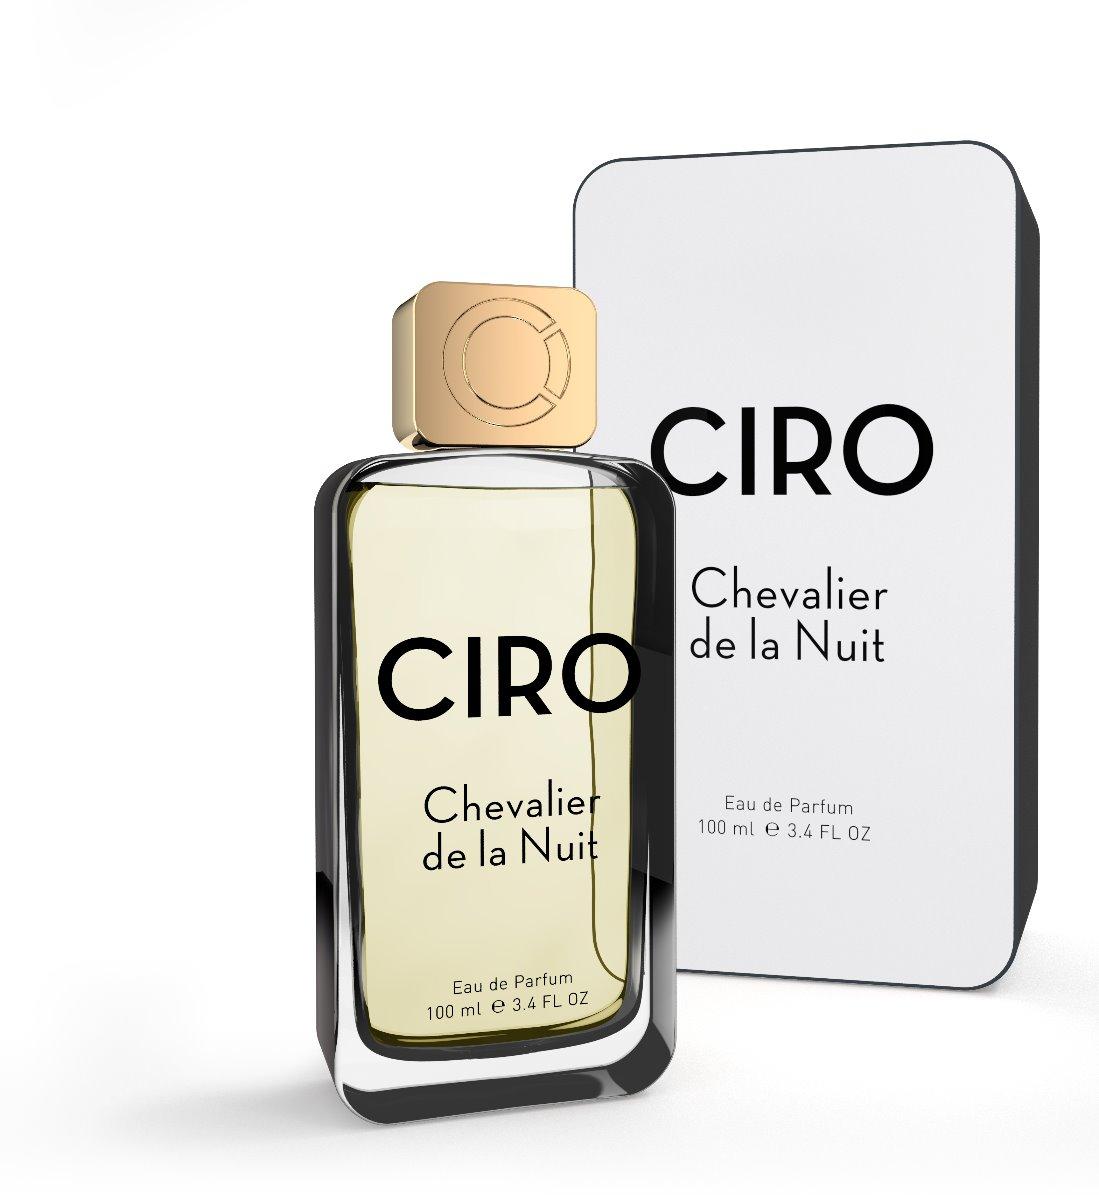 Ciro Parfums – Chevalier de la Nuit - Eau de Parfum 100 ml